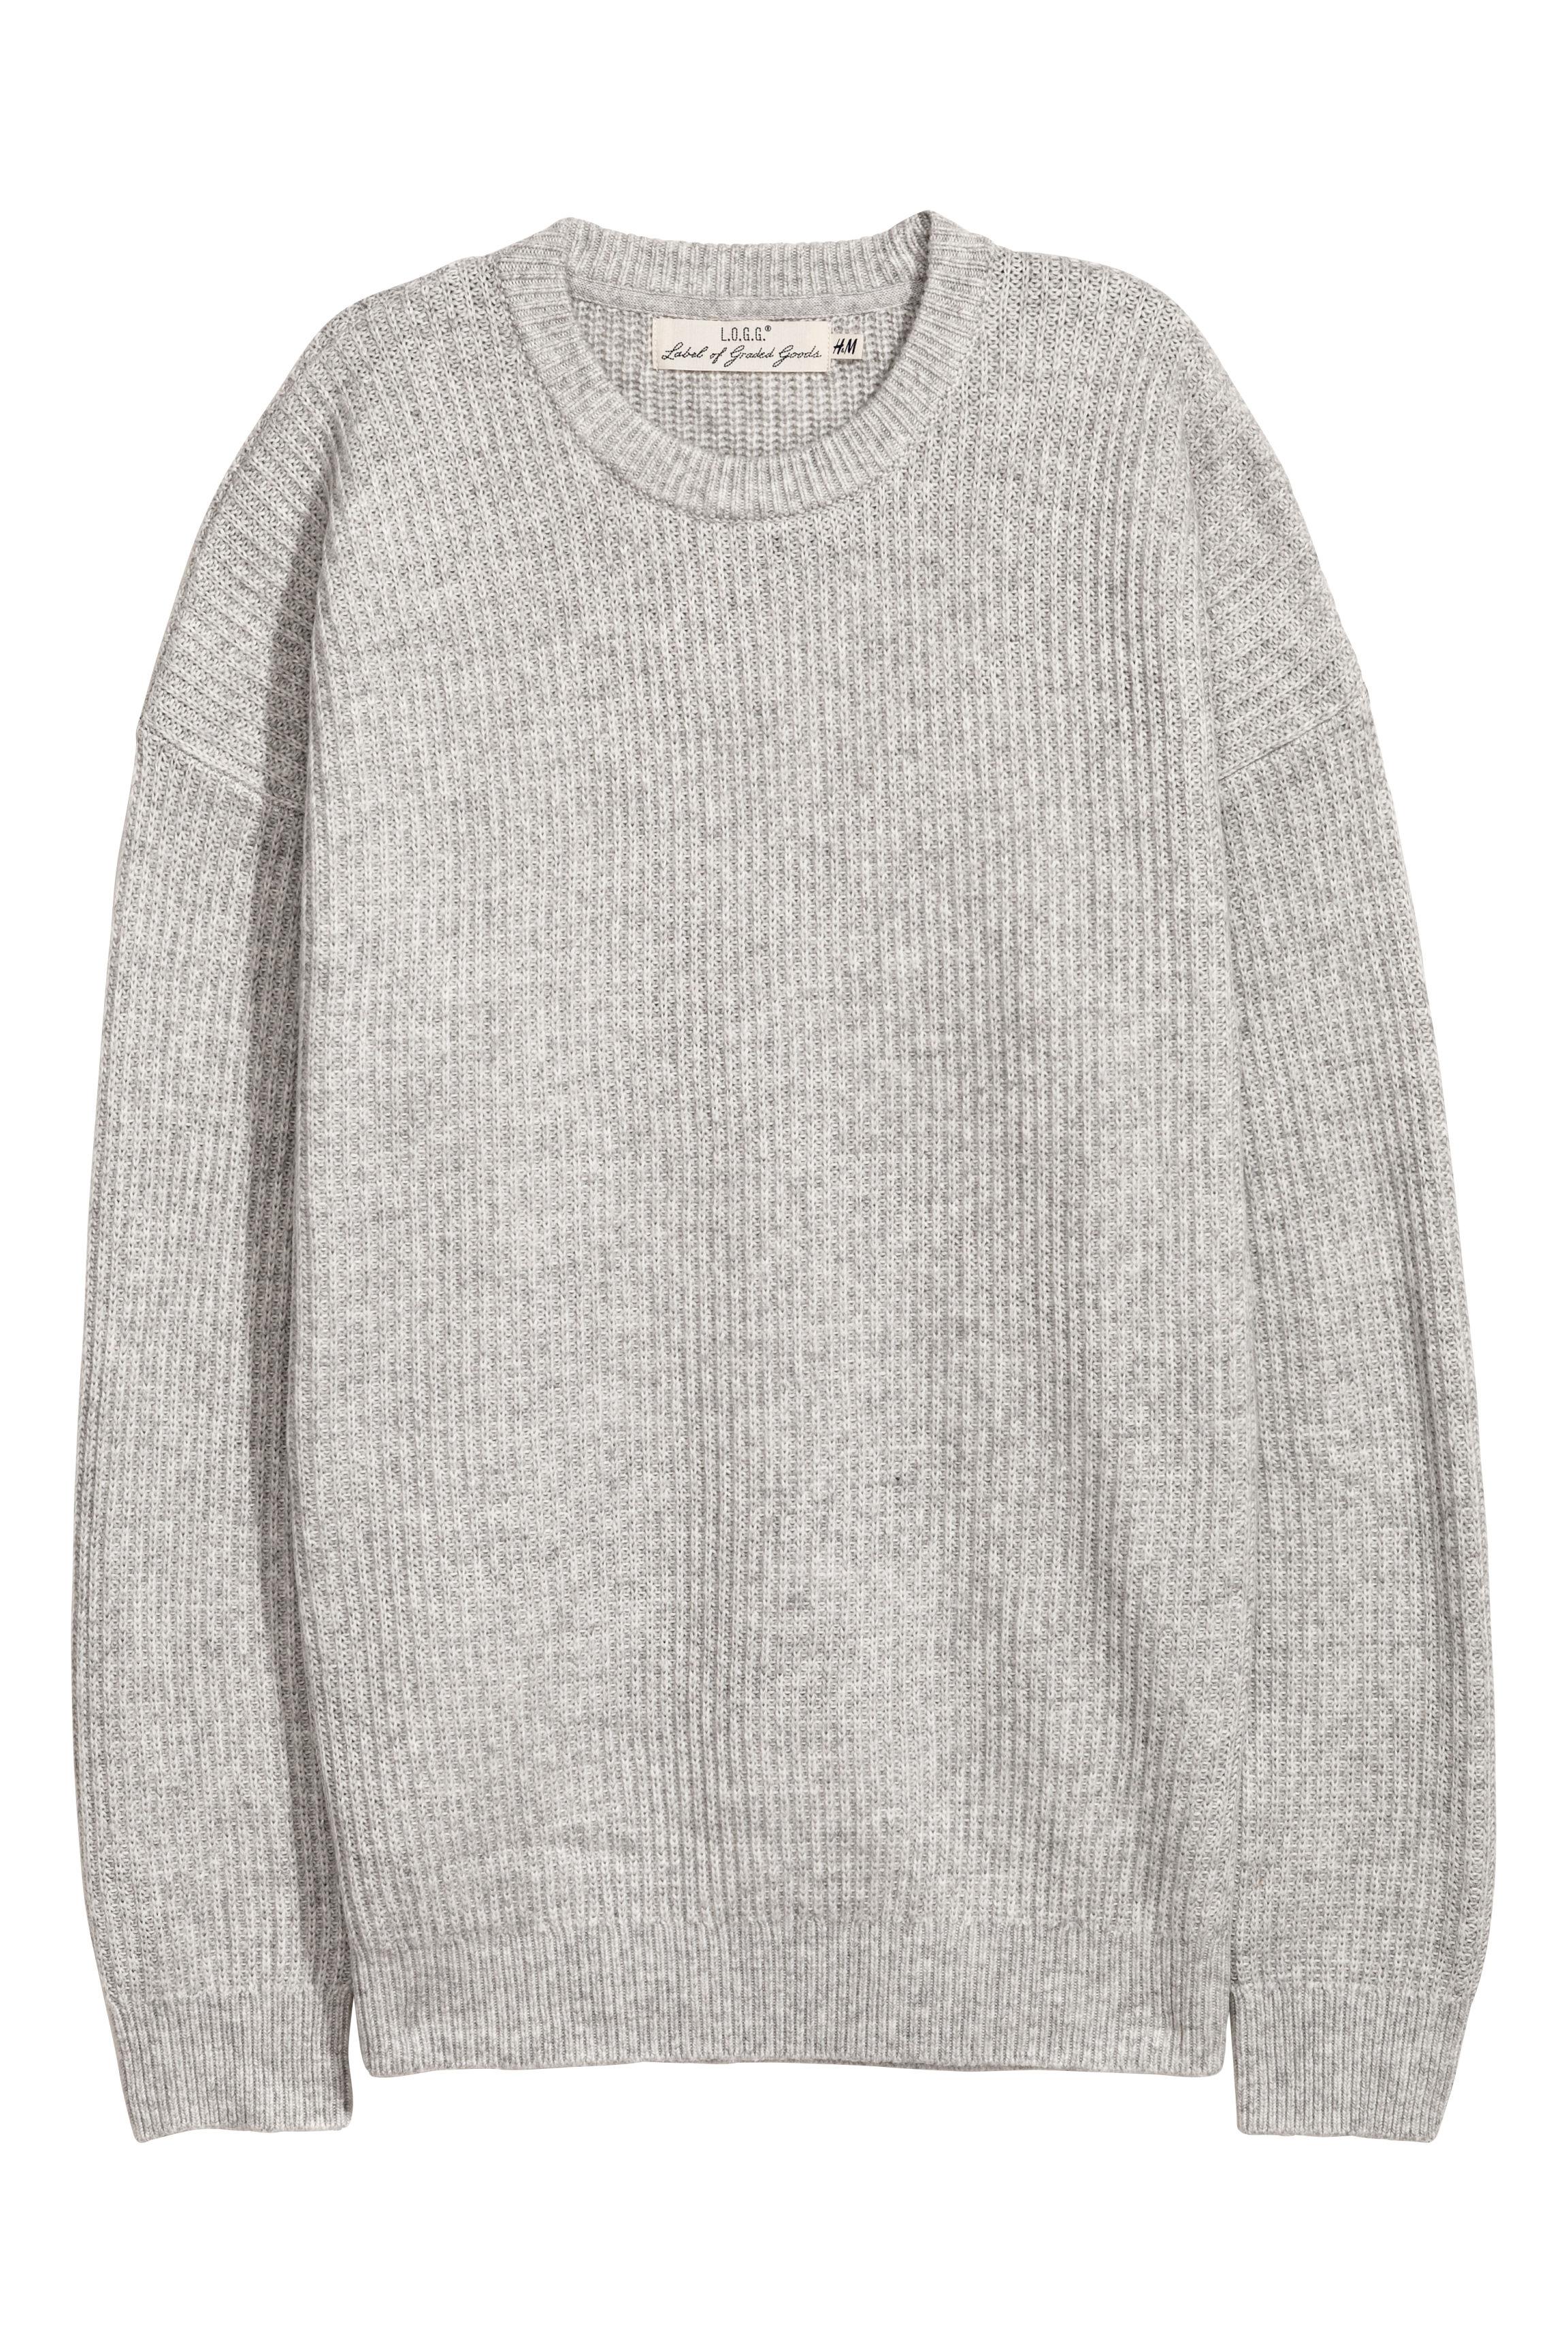 d66d6f9667ea15 Oversized Sweater - Gray melange - Men